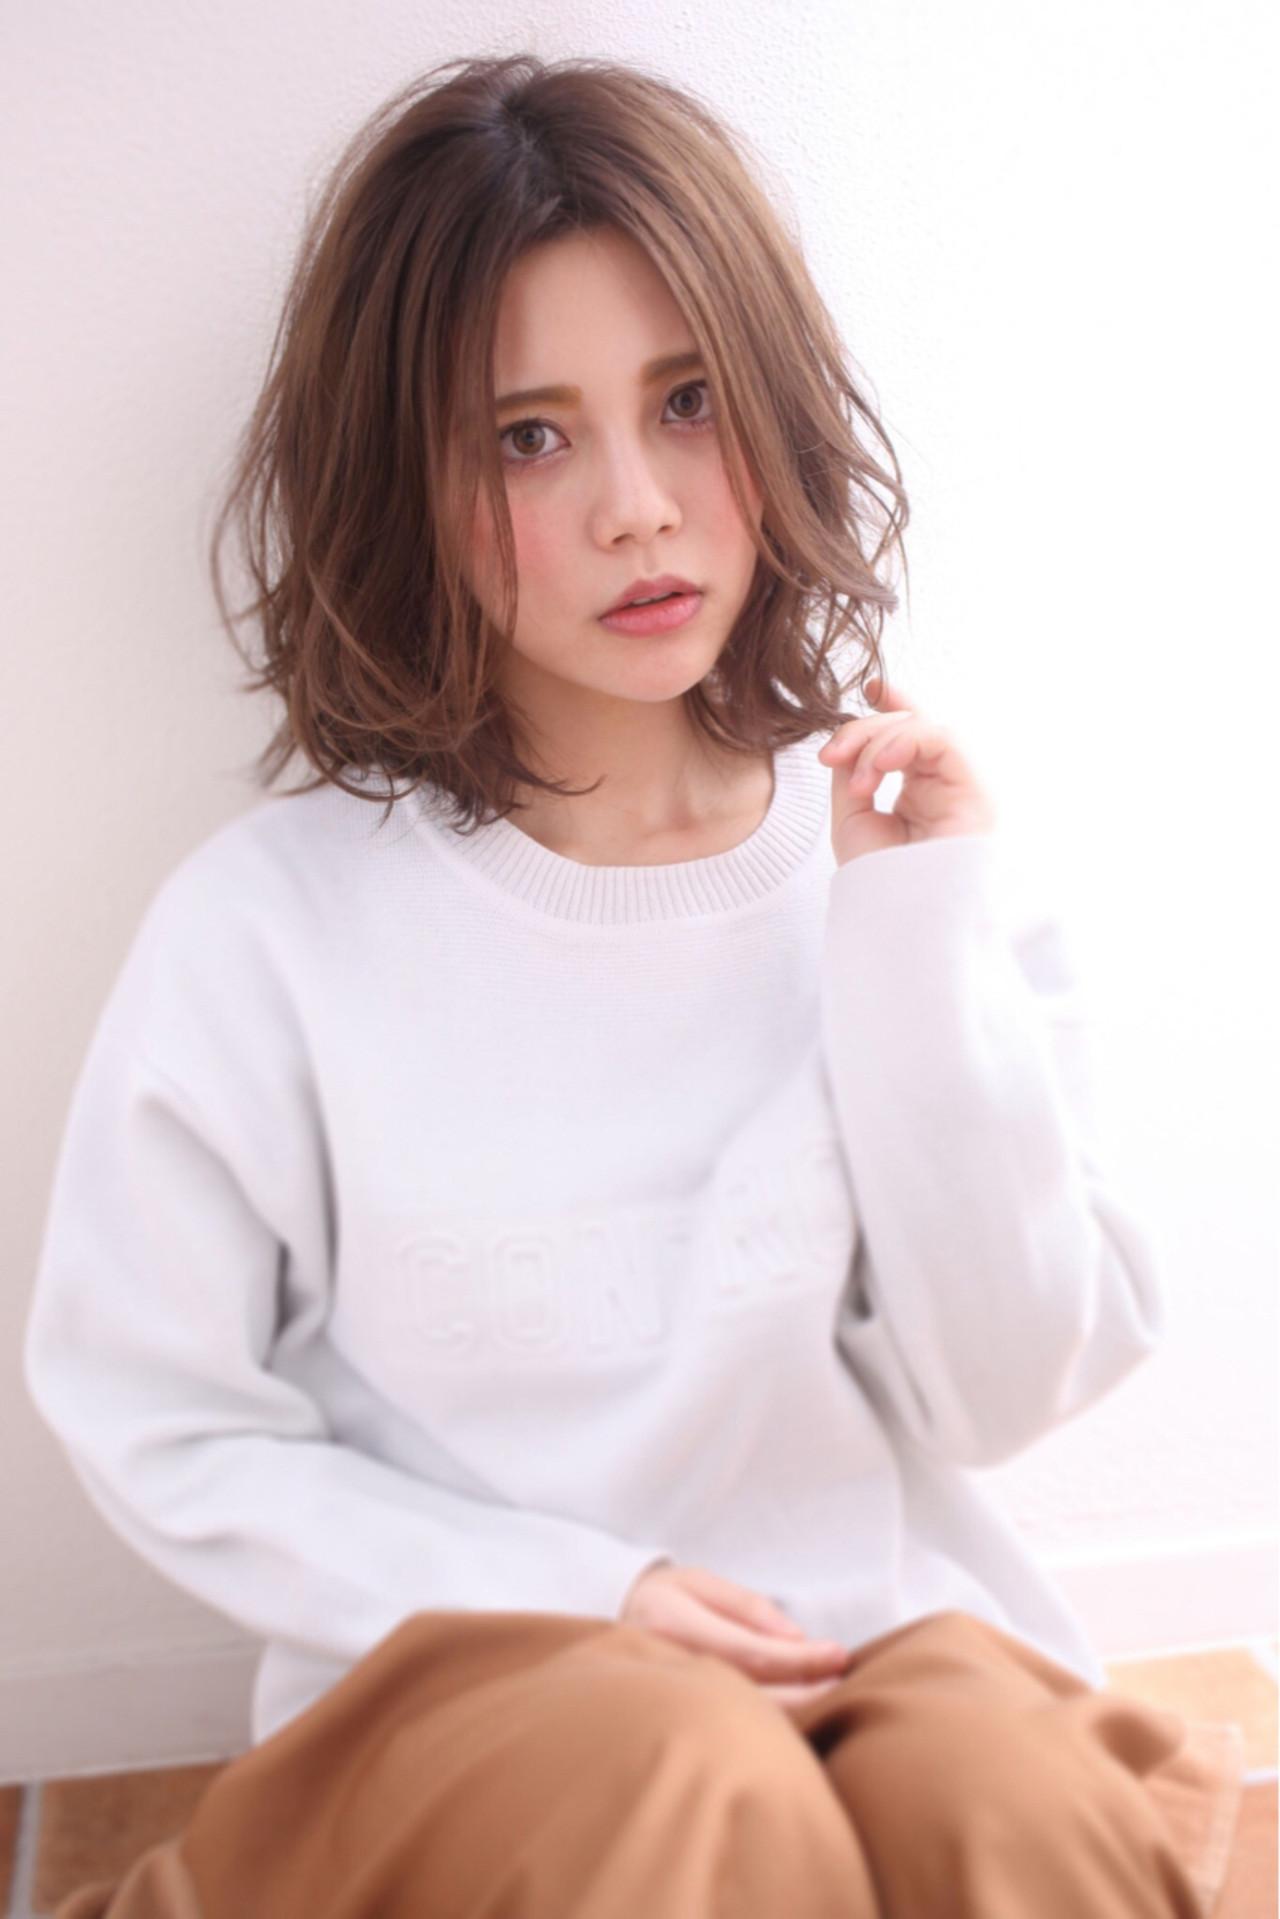 【丸顔さんに似合う髪型】ひし形シルエットの小顔効果でより可愛く♡ Maria by afloat 重山 祐亮